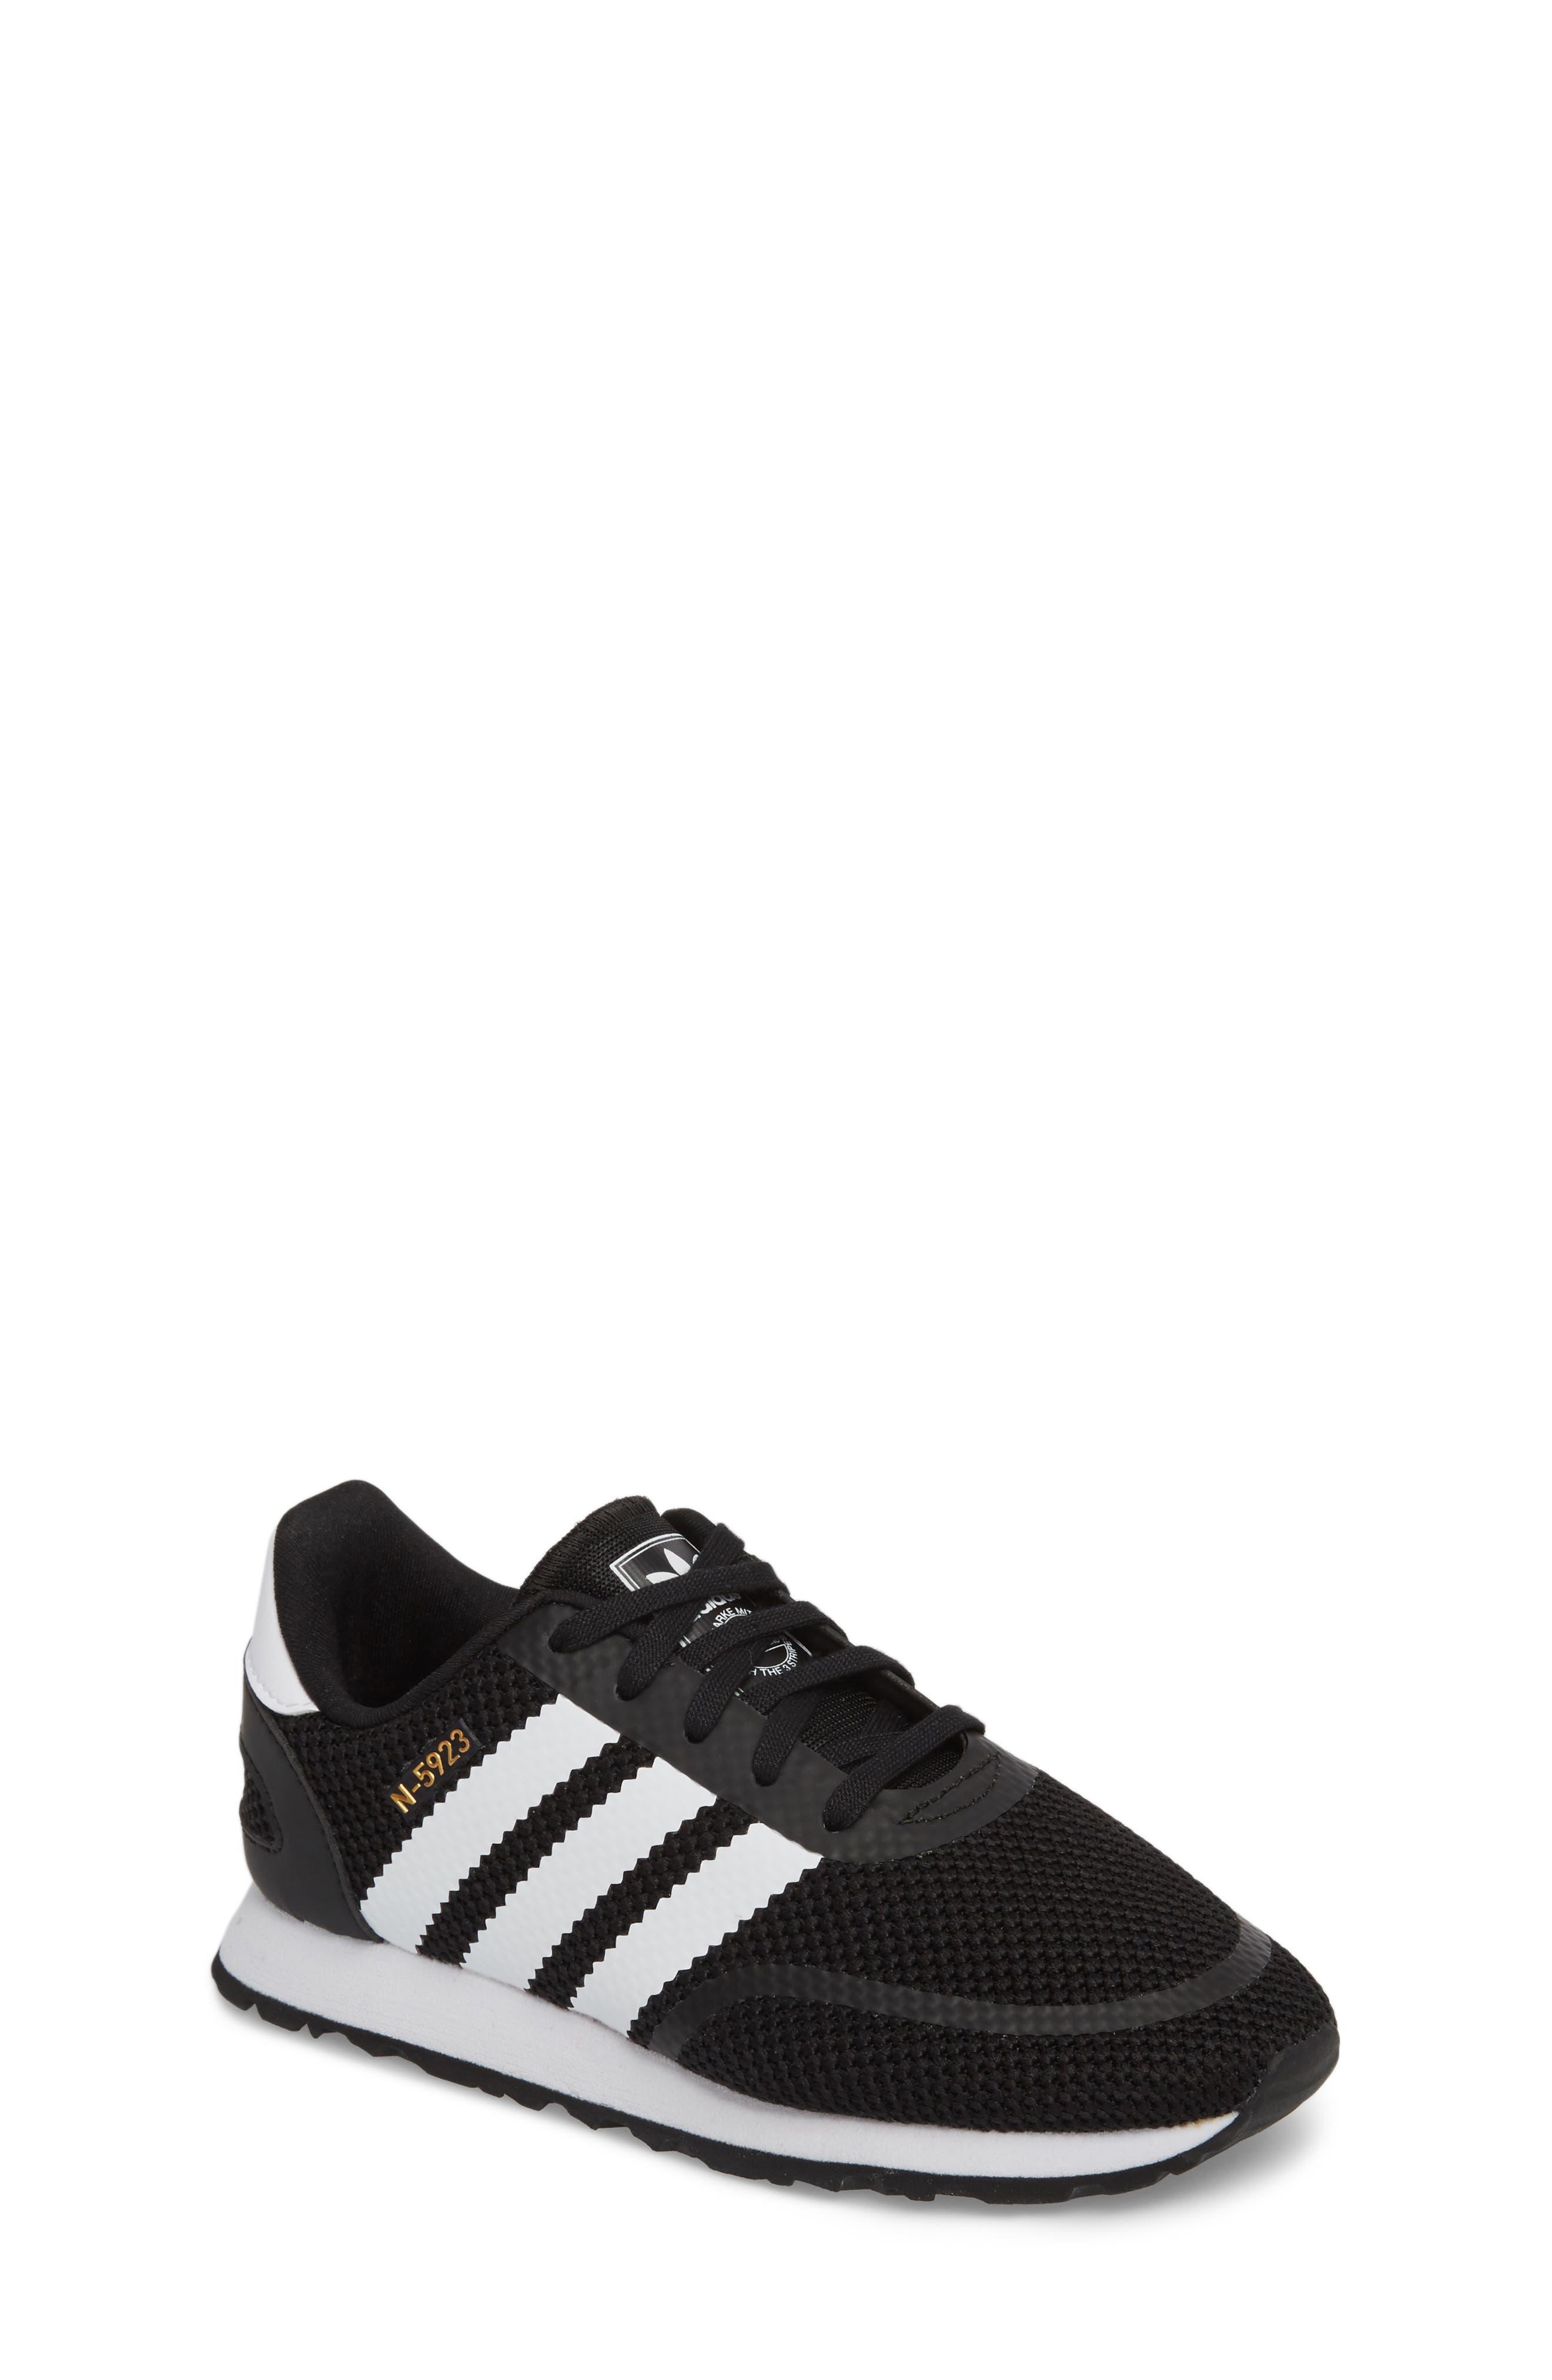 adidas N-5923 Sneaker (Baby, Walker, Toddler, Little Kid & Big Kid)